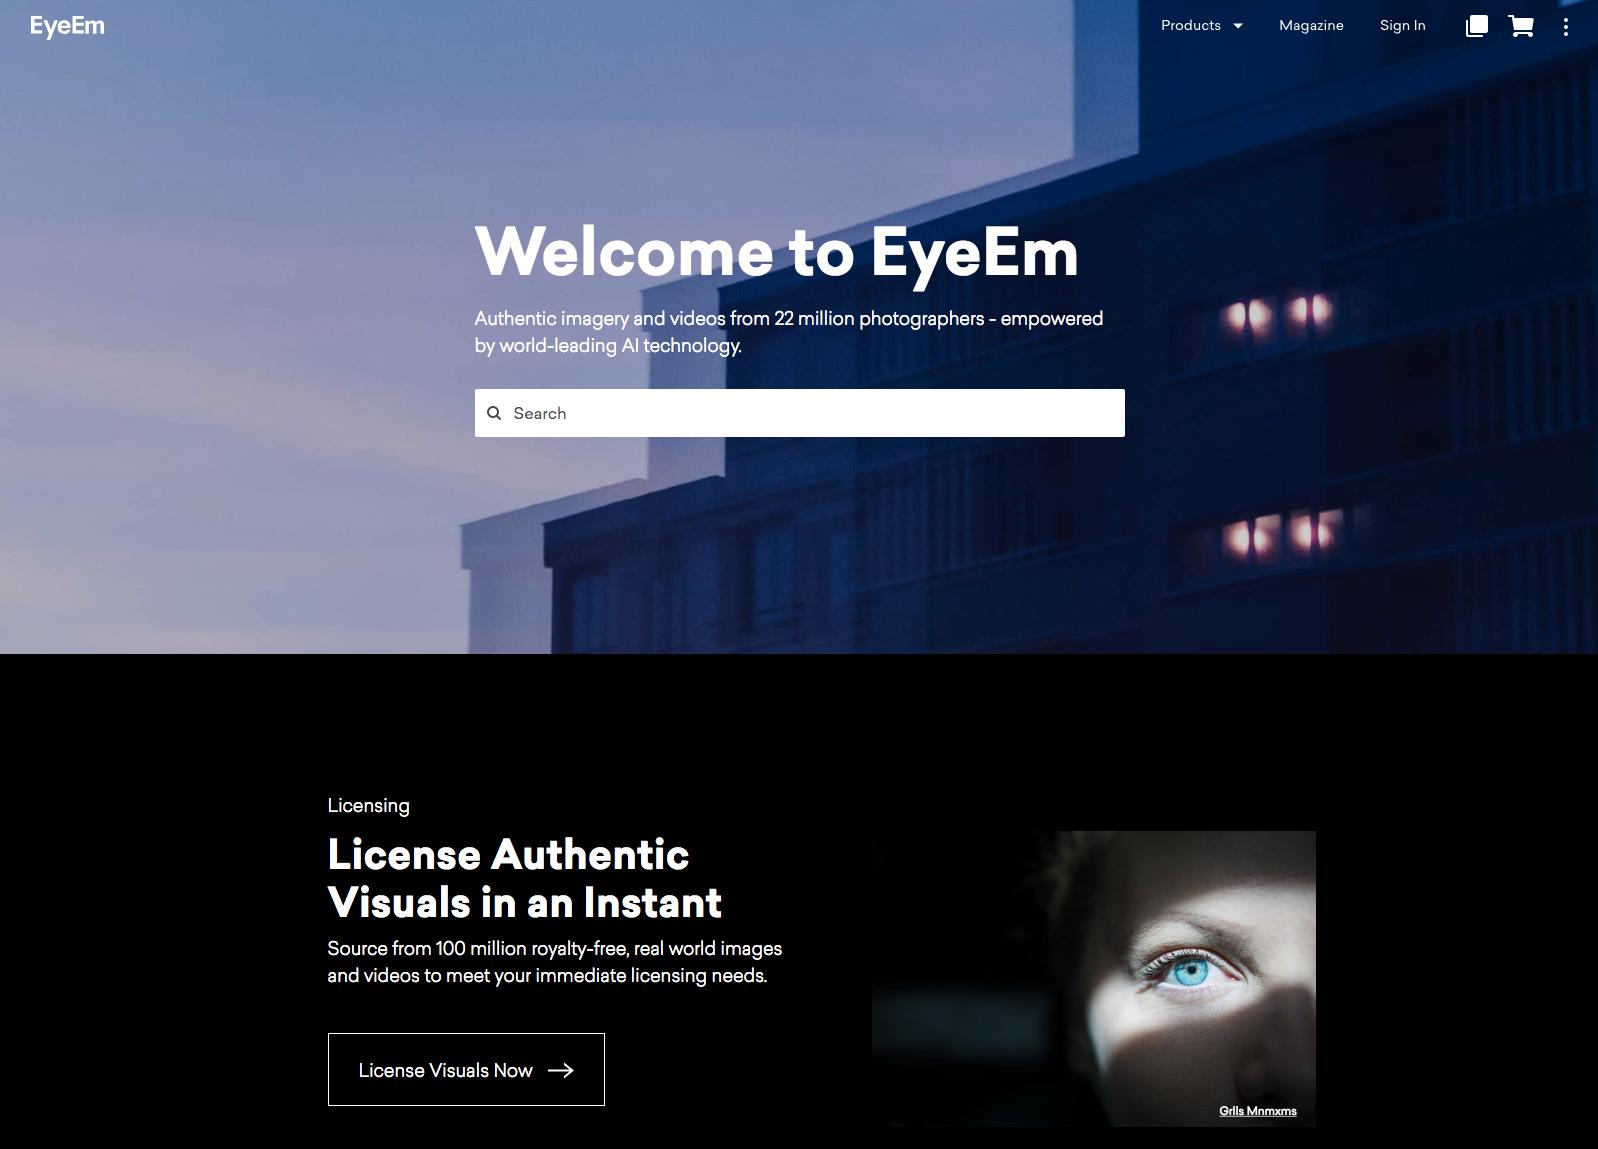 EyeEm homepage.